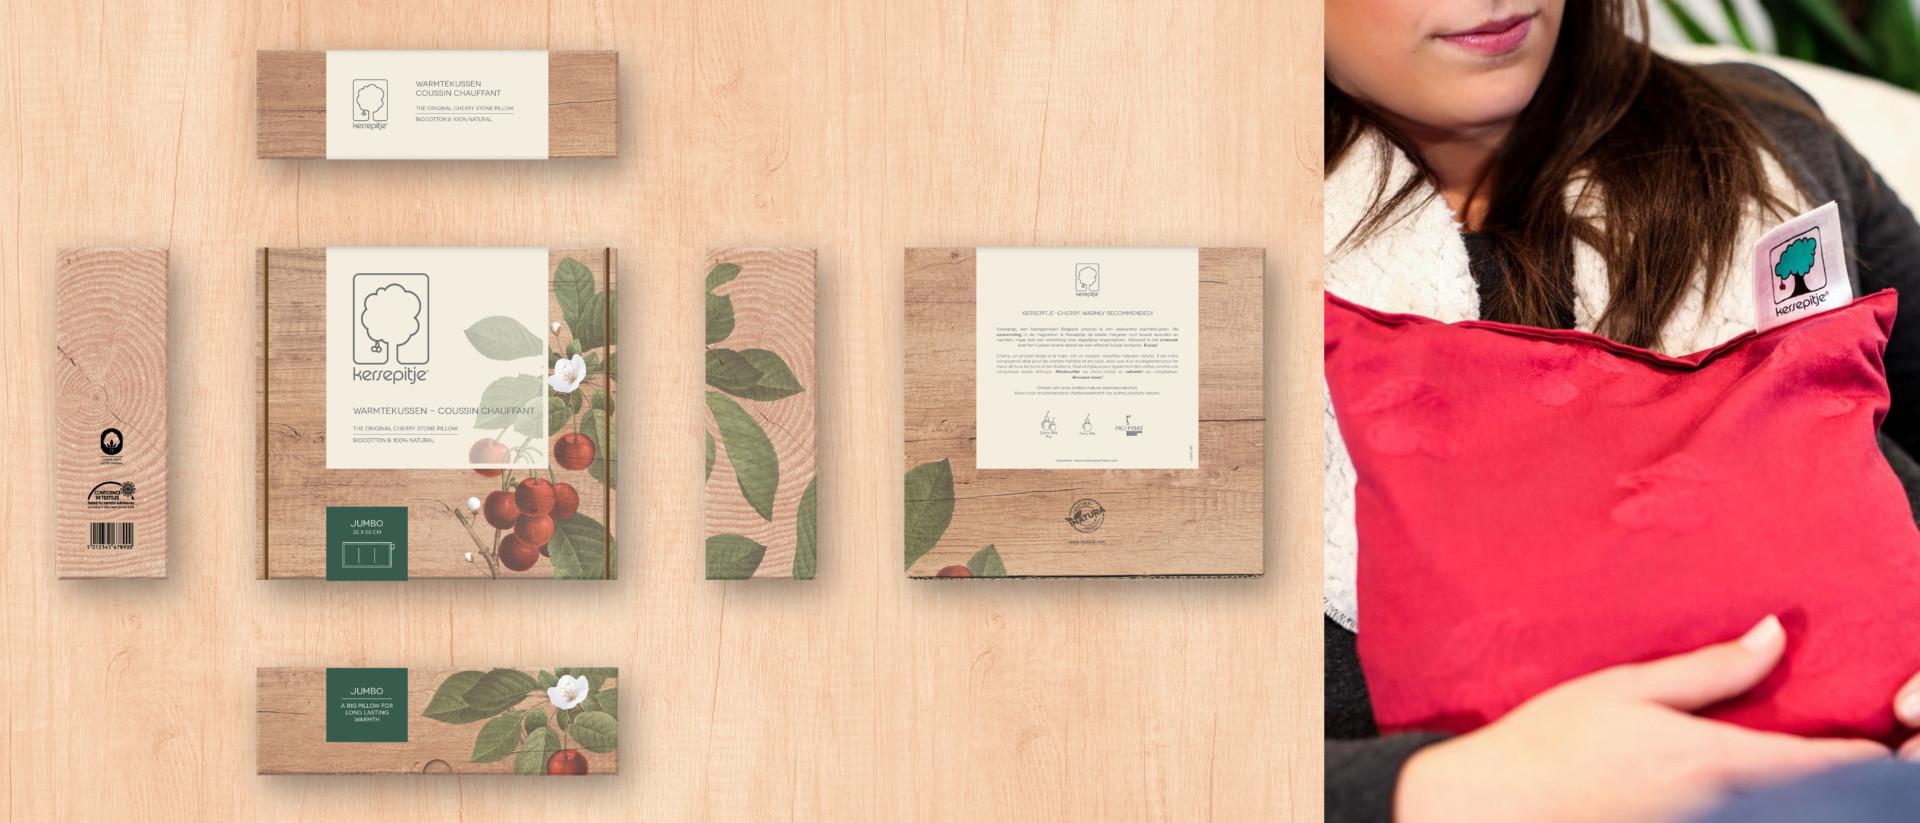 Kersepitje | Packaging design